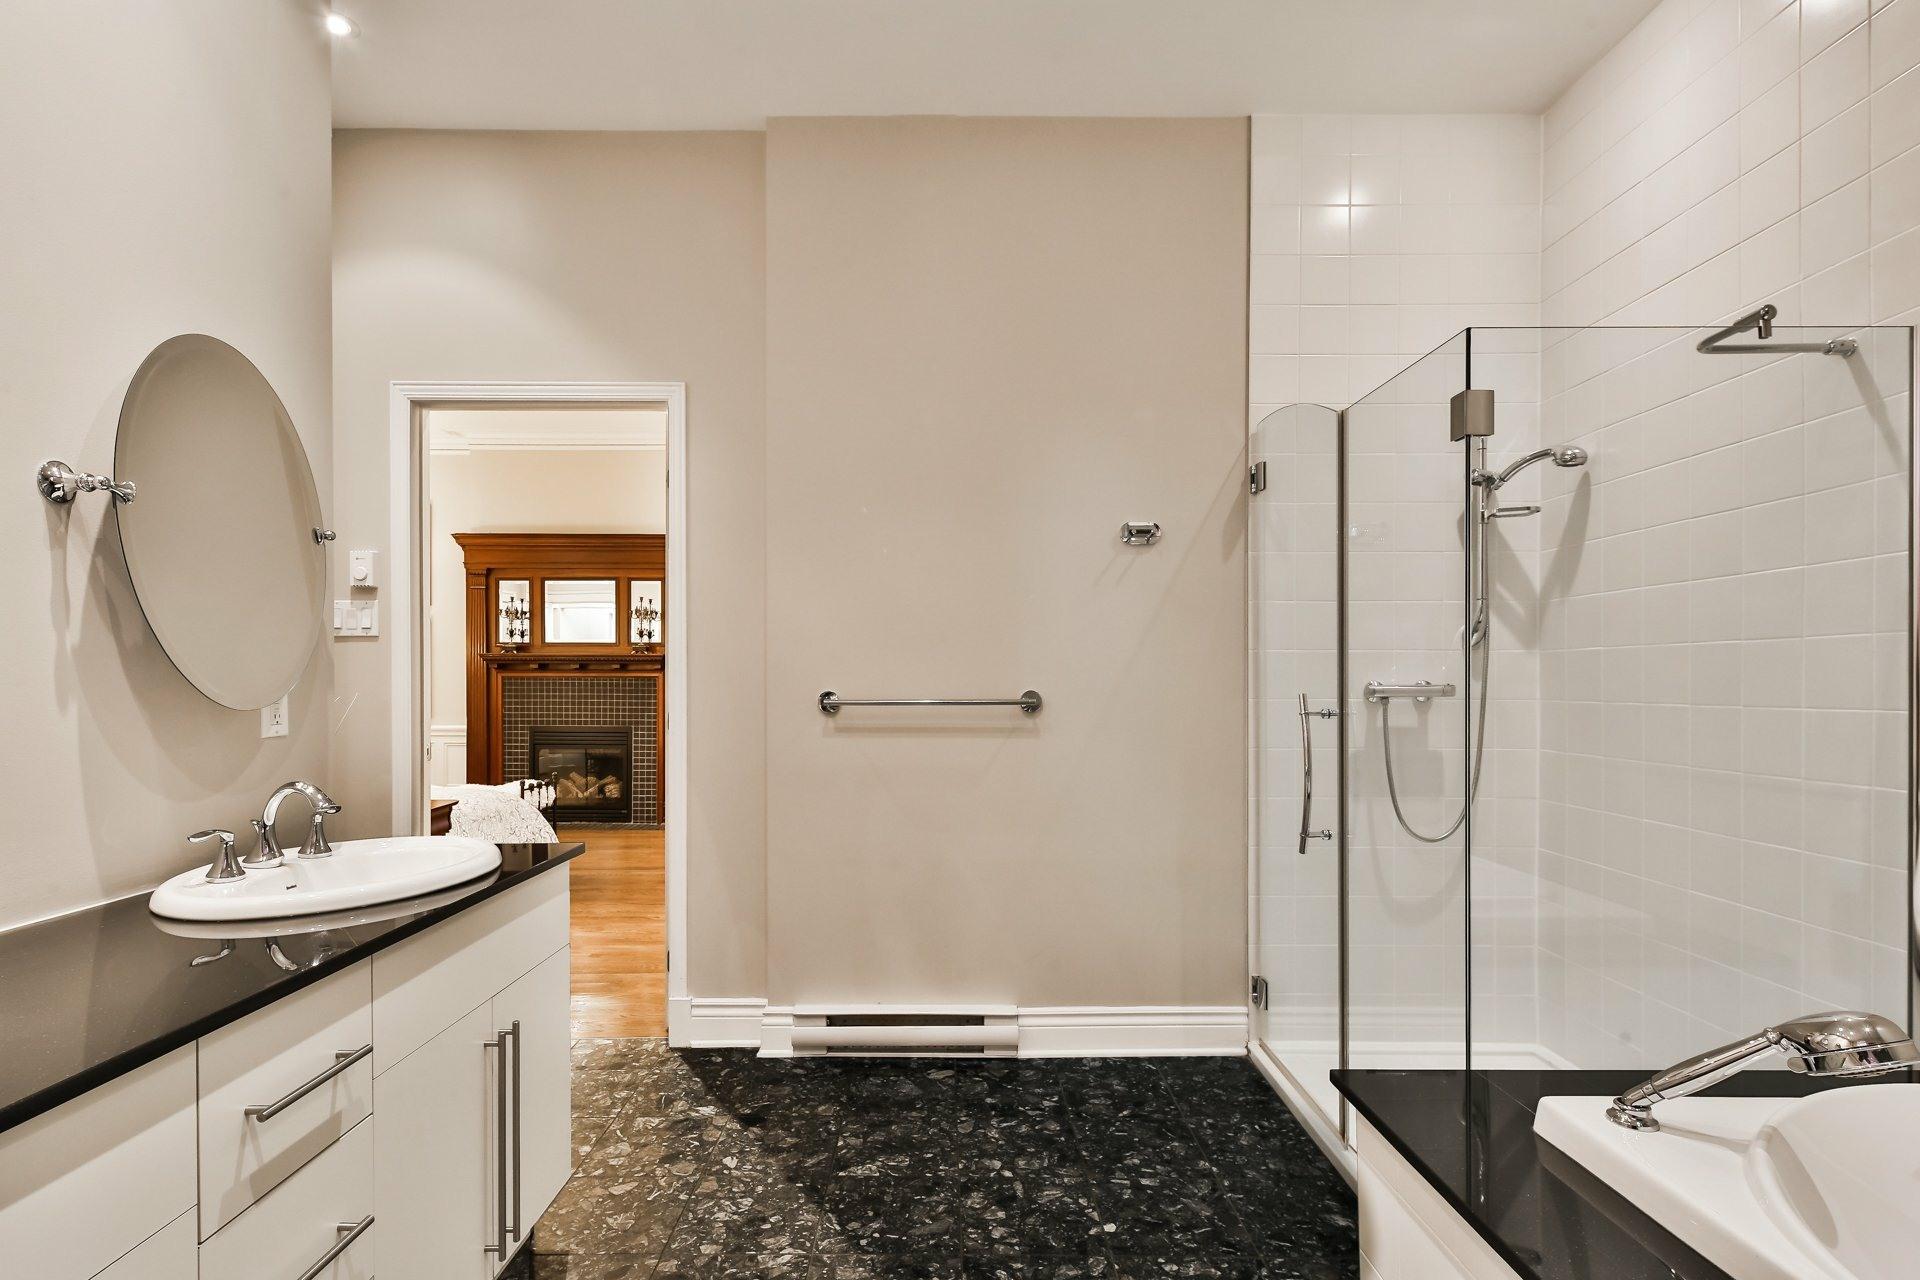 image 18 - Appartement À vendre Le Plateau-Mont-Royal Montréal  - 6 pièces